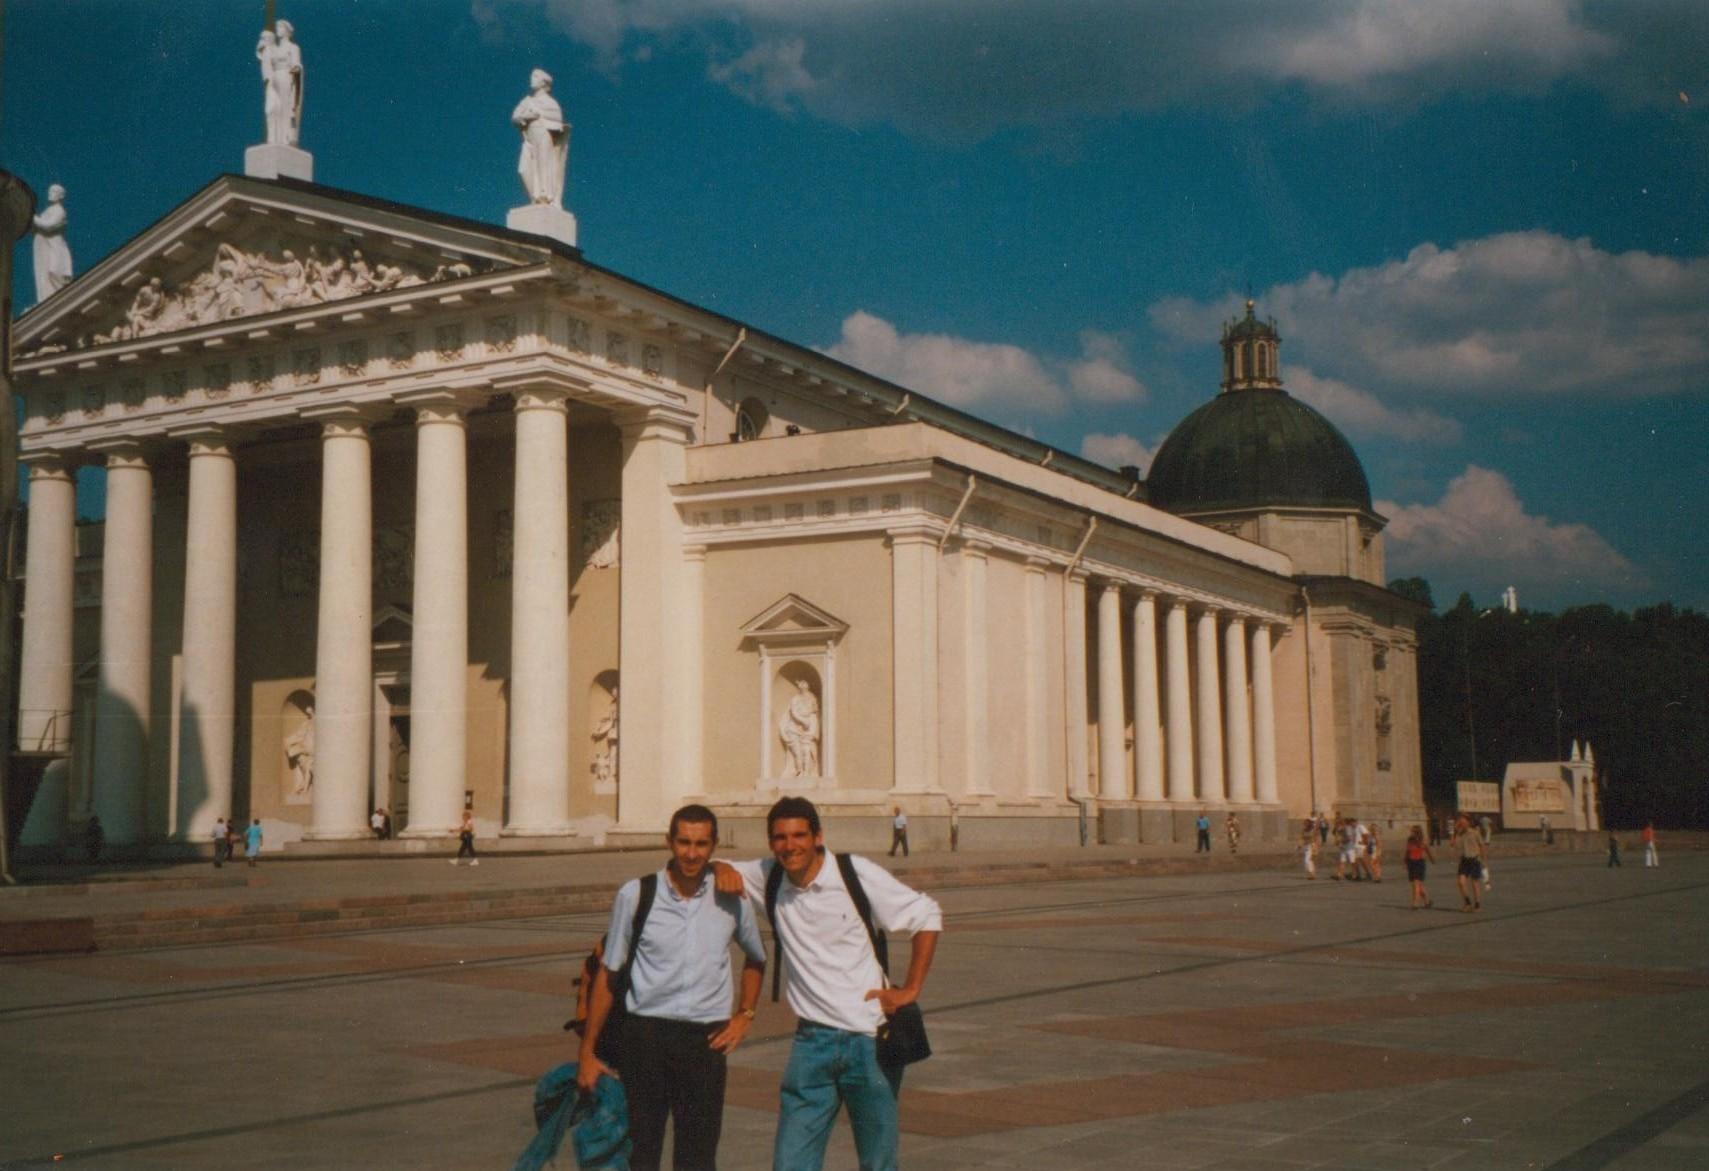 A Vilnius, capitale de la Lituanie, avec Jean-Luc lors du tour d'Europe, prélude au tour du monde